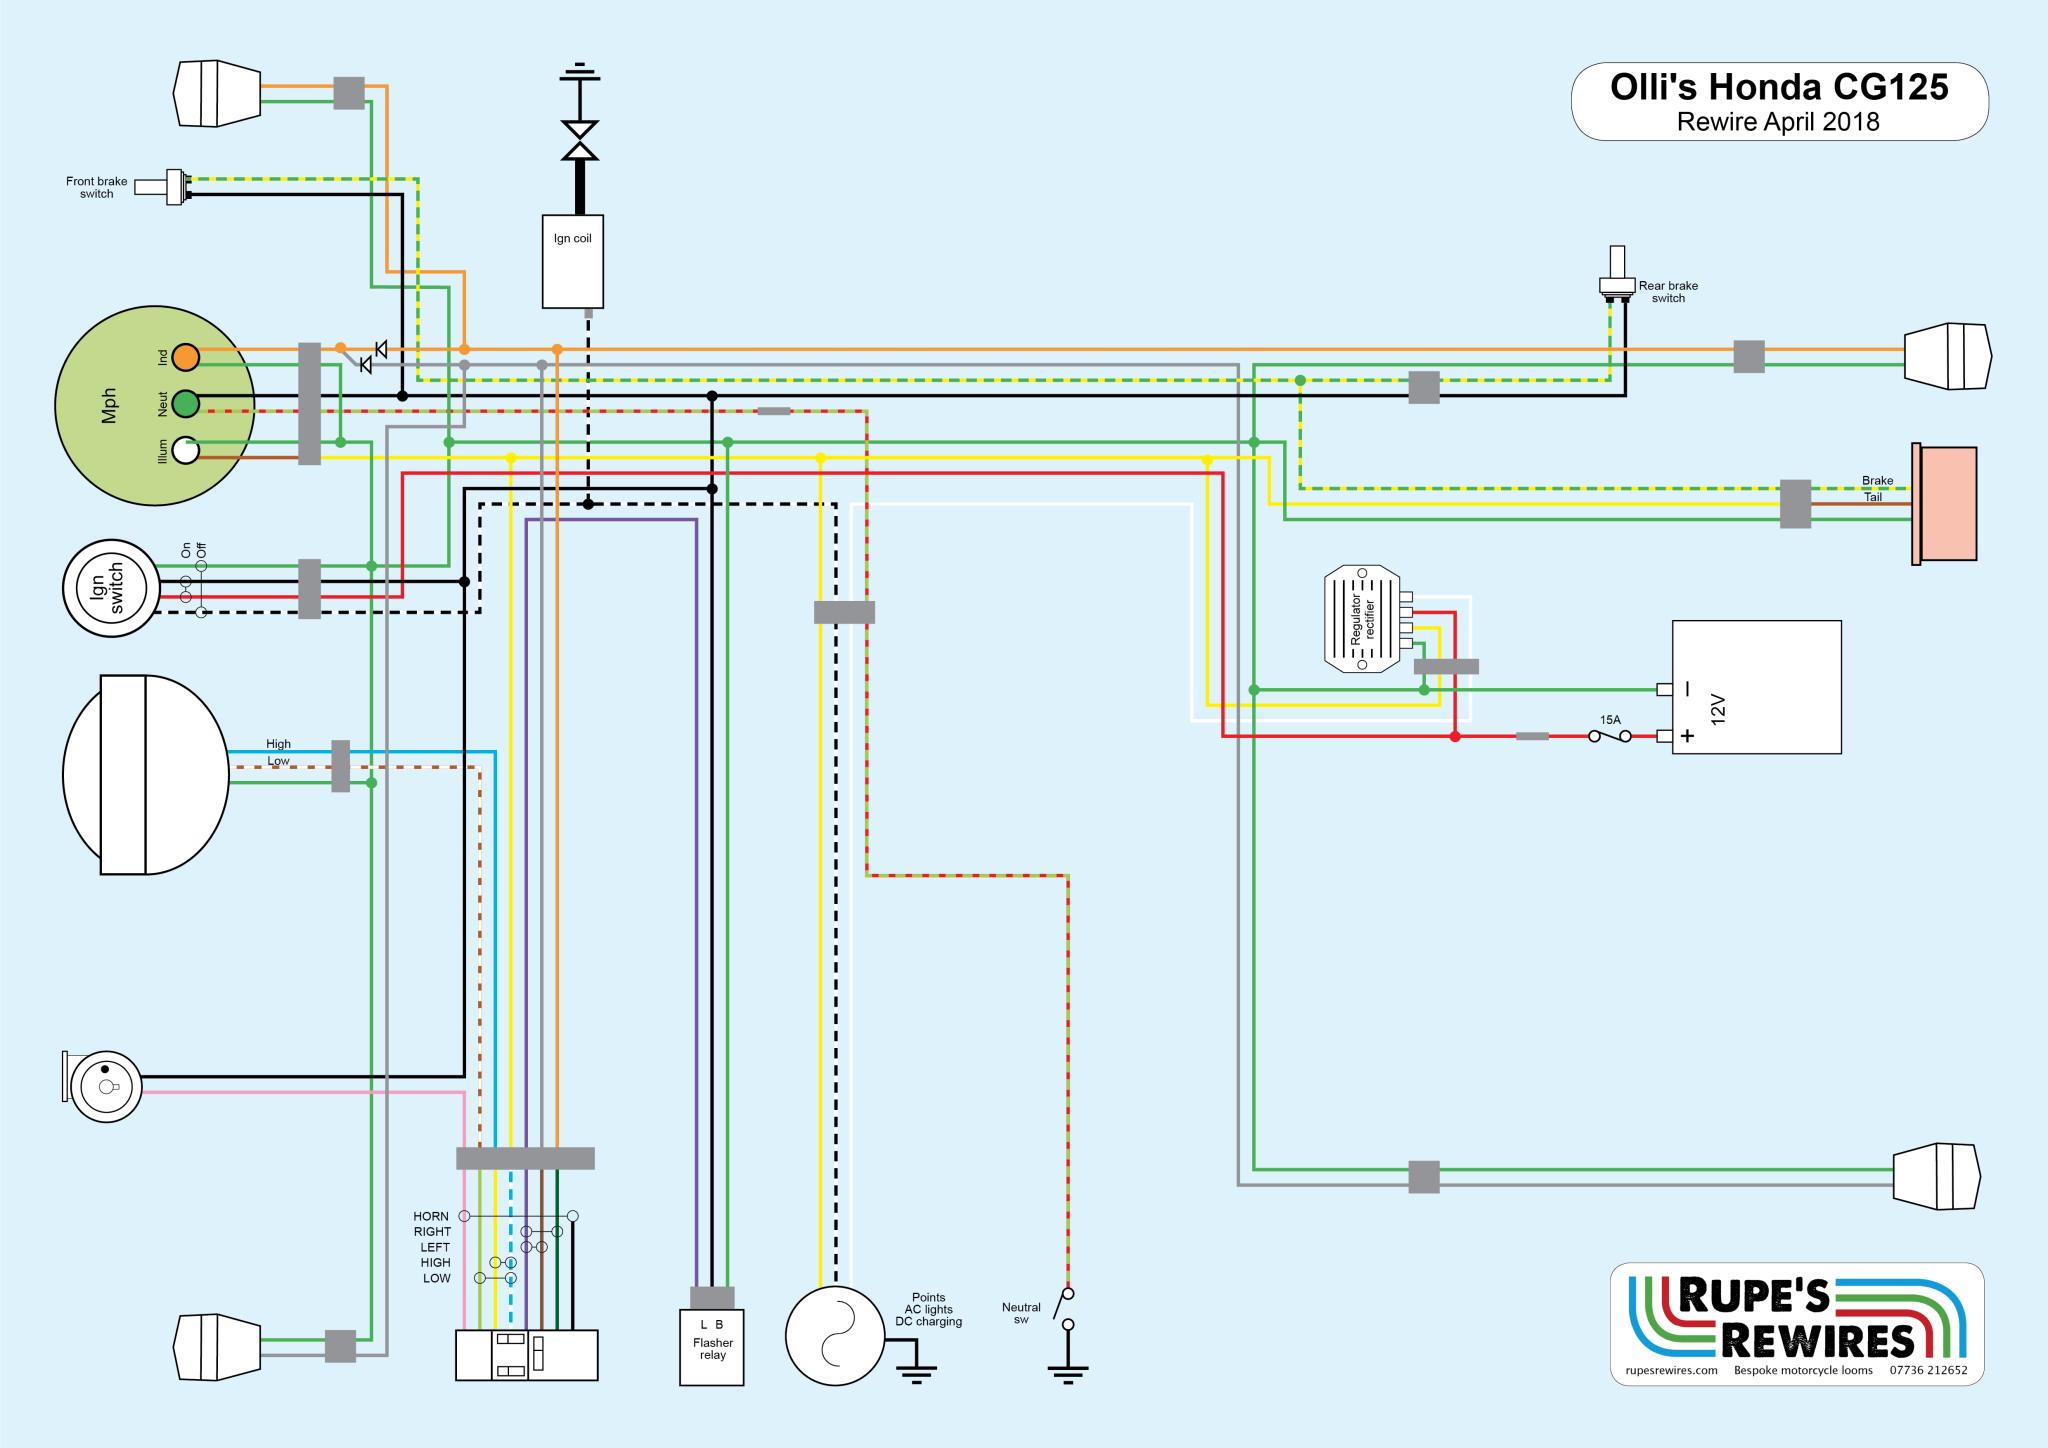 Honda 125 Wiring Diagram - 24v Military Trailer Wiring Diagram -  furnaces.yenpancane.jeanjaures37.frWiring Diagram Resource